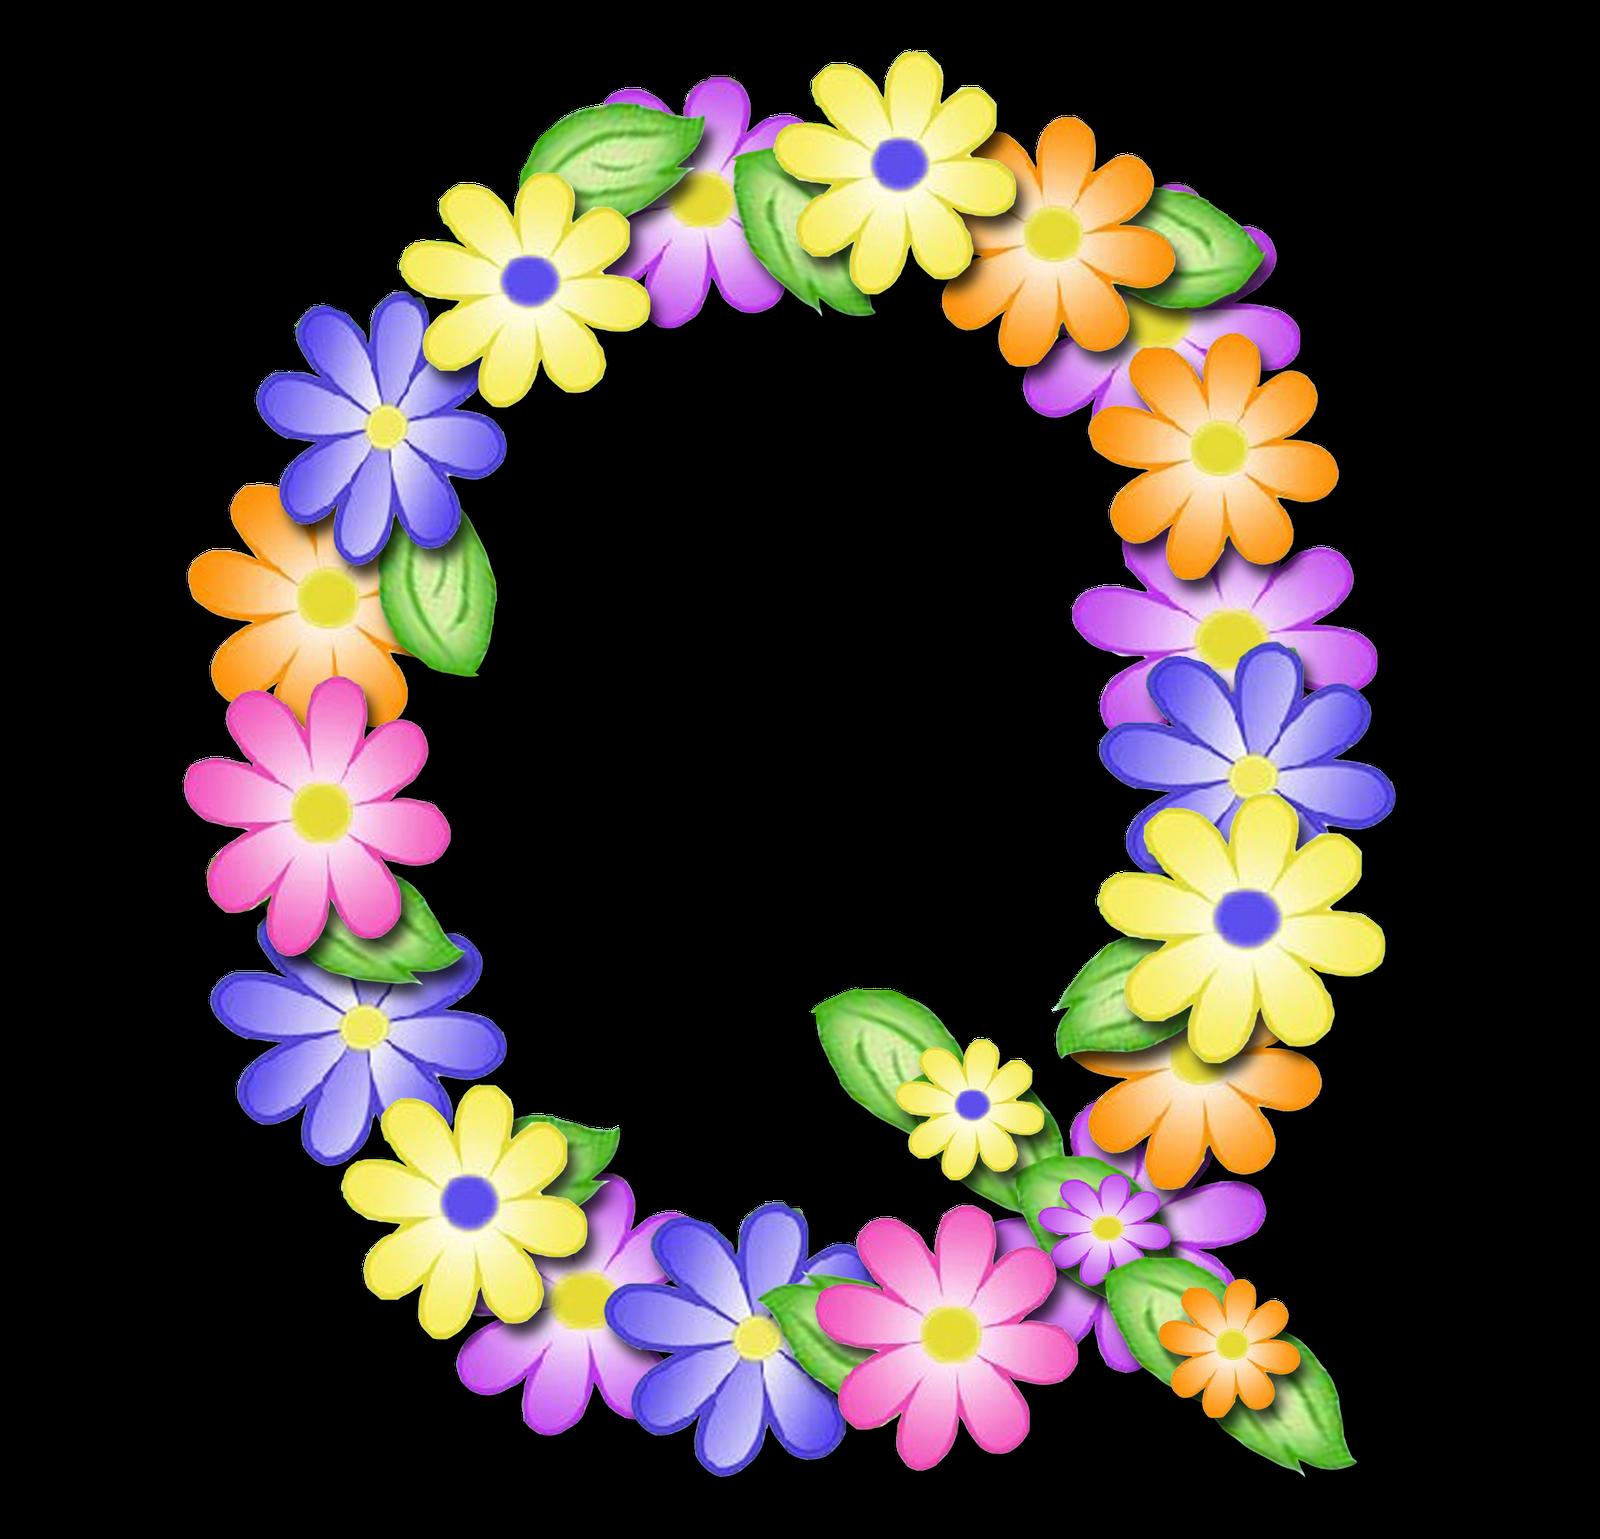 صور الحروف الإنجليزية بأجمل الزهور والورود بخلفية شفافة بنج png وجودة عالية للمصممين :: إبحث عن حروف إسمك بالإنجليزية - صفحة 2 Q